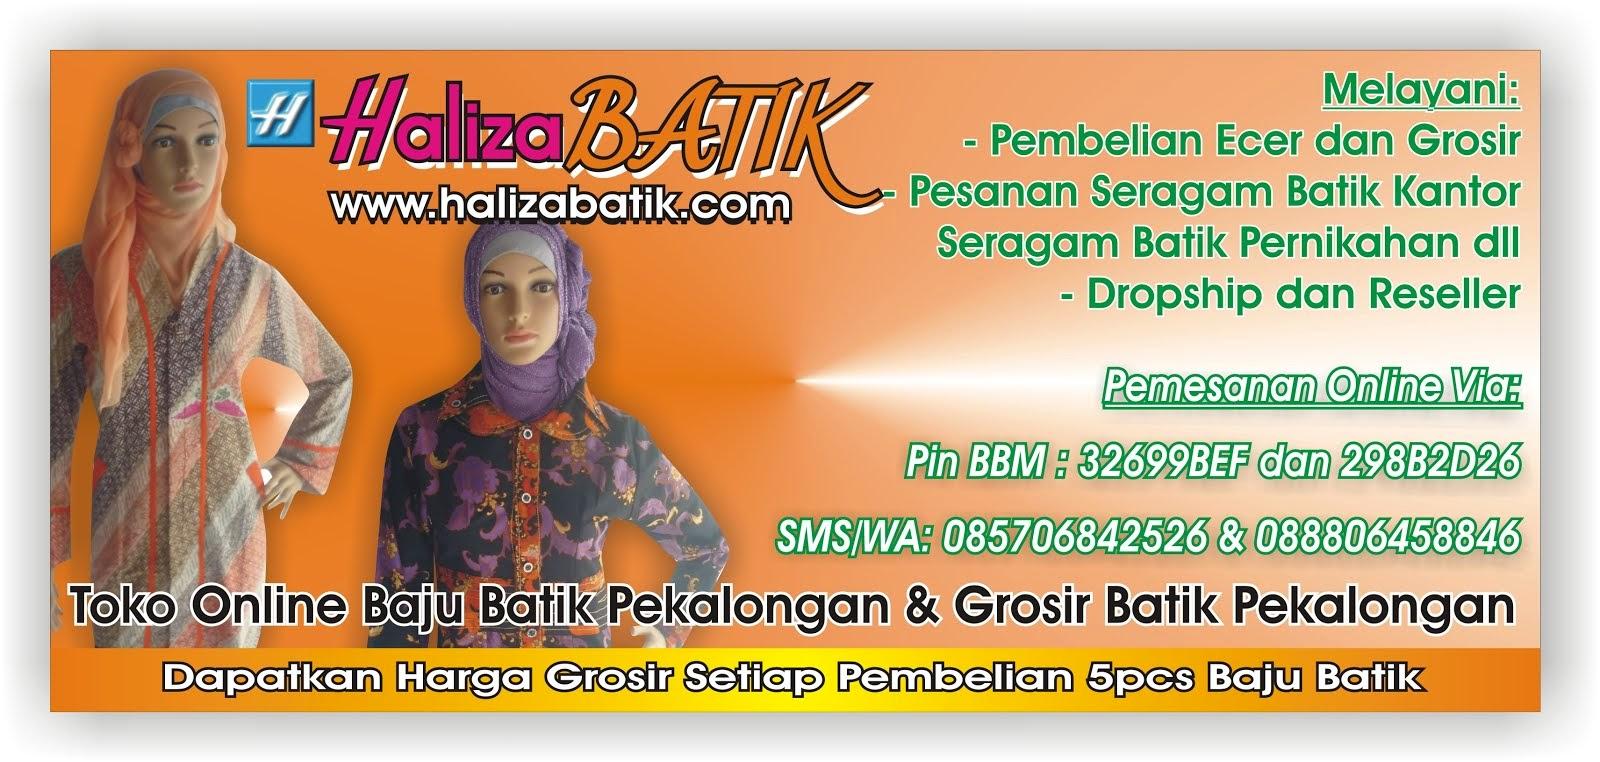 Seragam Batik Haliza, Batik Pekalongan Haliza, Grosir Batik Pekalongan